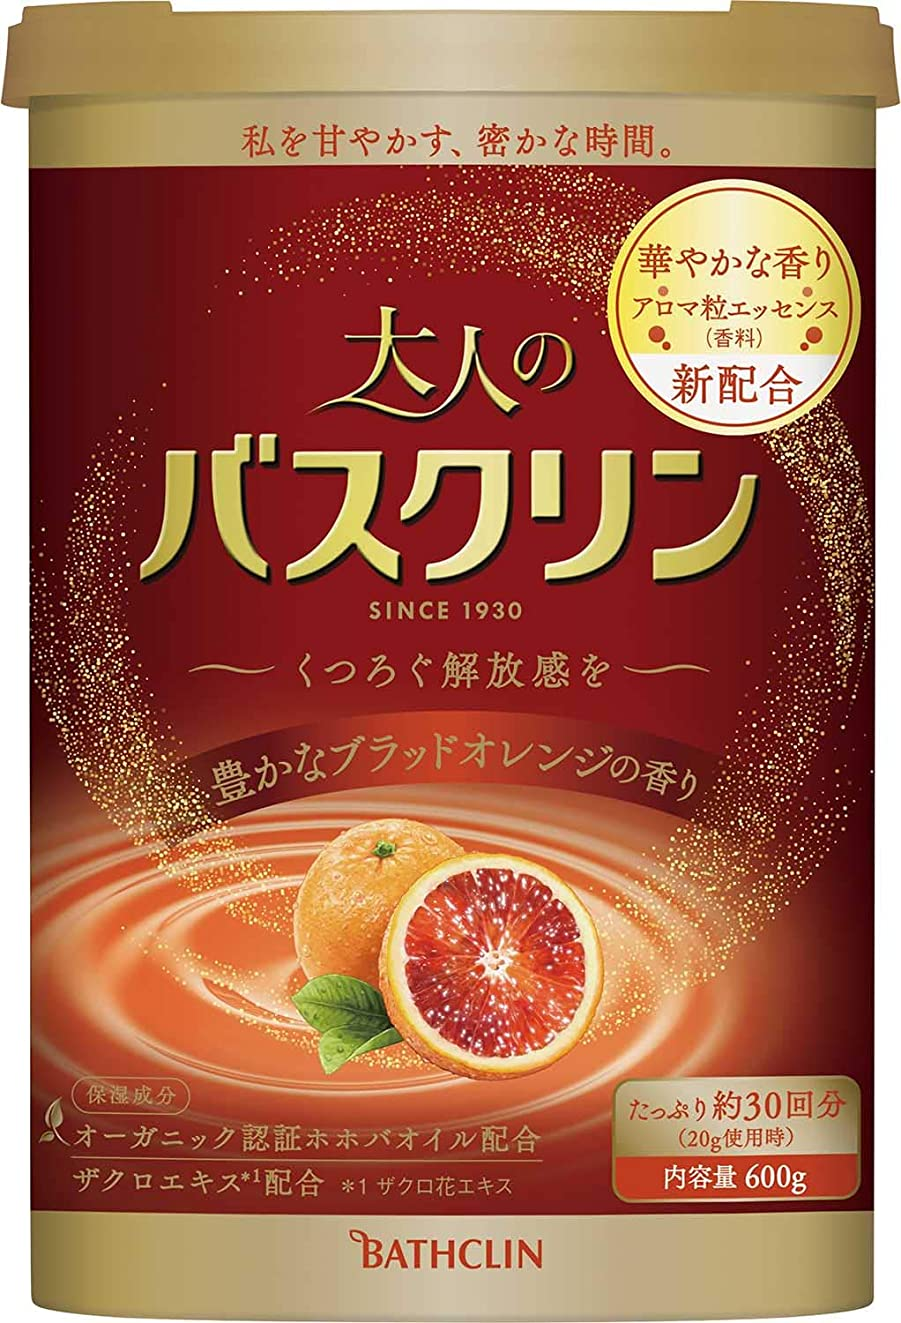 他のバンドで投資なる大人のバスクリン入浴剤 豊かなブラッドオレンジの香り600g(約30回分) リラックス にごりタイプ